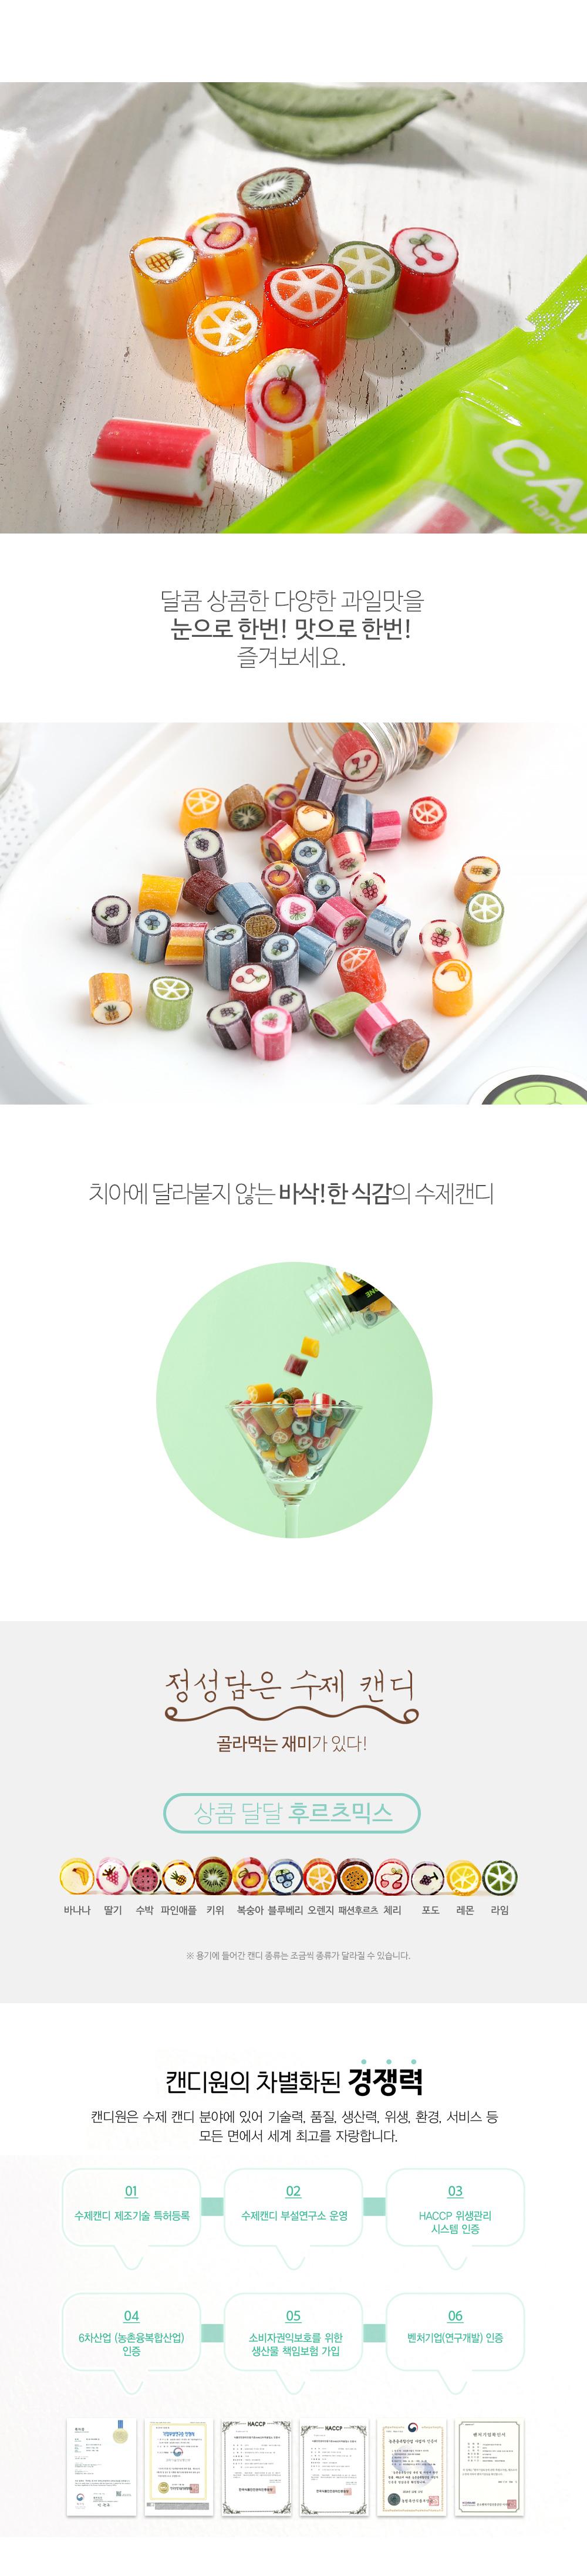 fruit_mix_pet_02.jpg